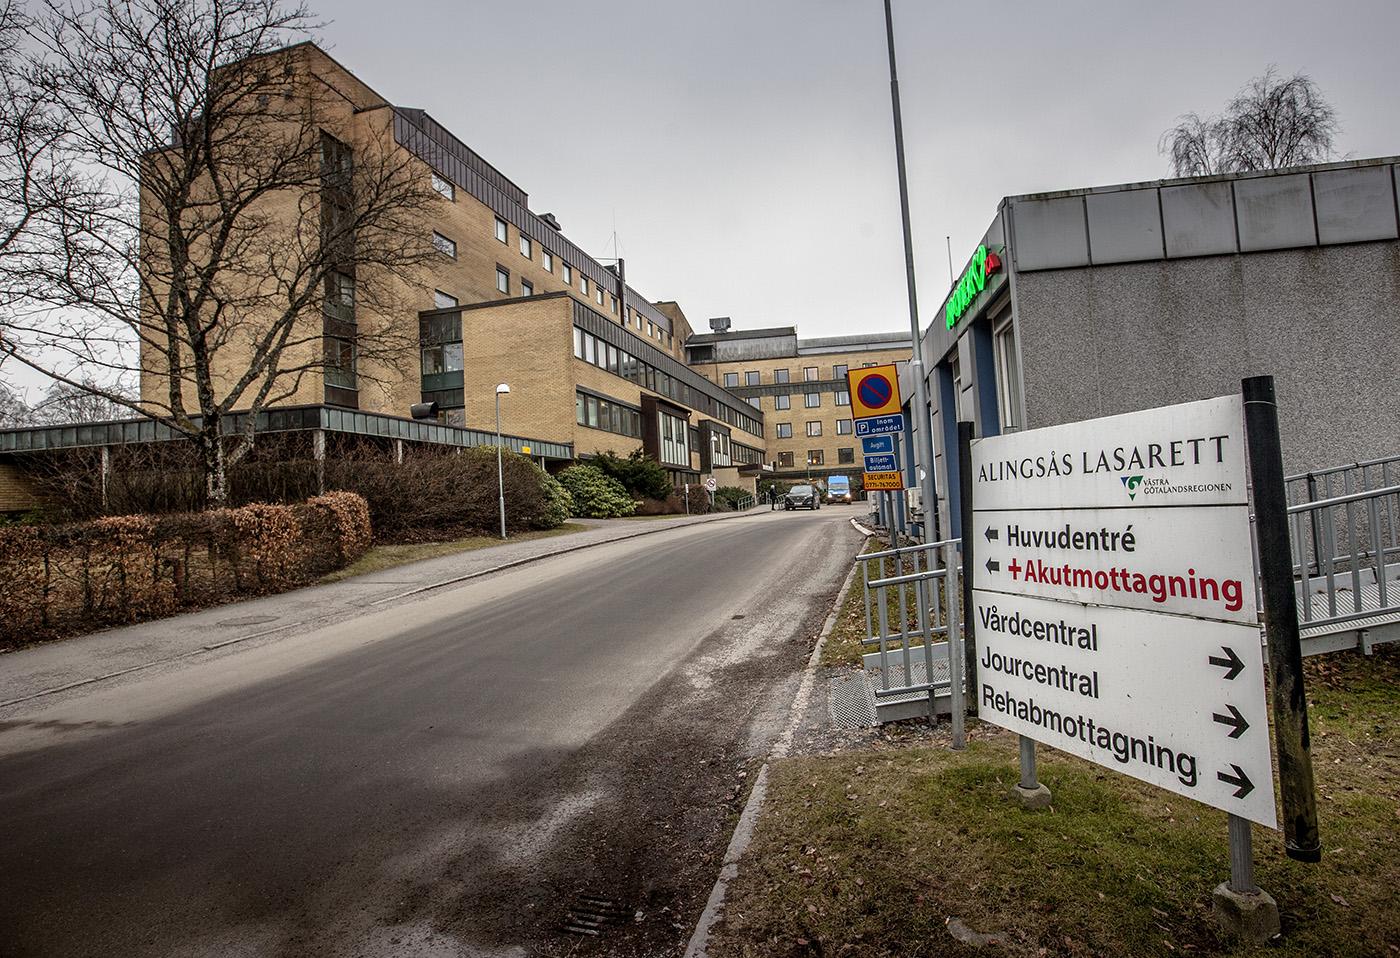 Alingsås lasarett, som har ett upptagningsområde på runt 100 000 invånare, ingår i den västra hälso- och sjukvårdsnämnden tillsammans med Kungälvs sjukhus, Sahlgrenska universitetssjukhuset och primärvården. Foto: Joachim Nywall